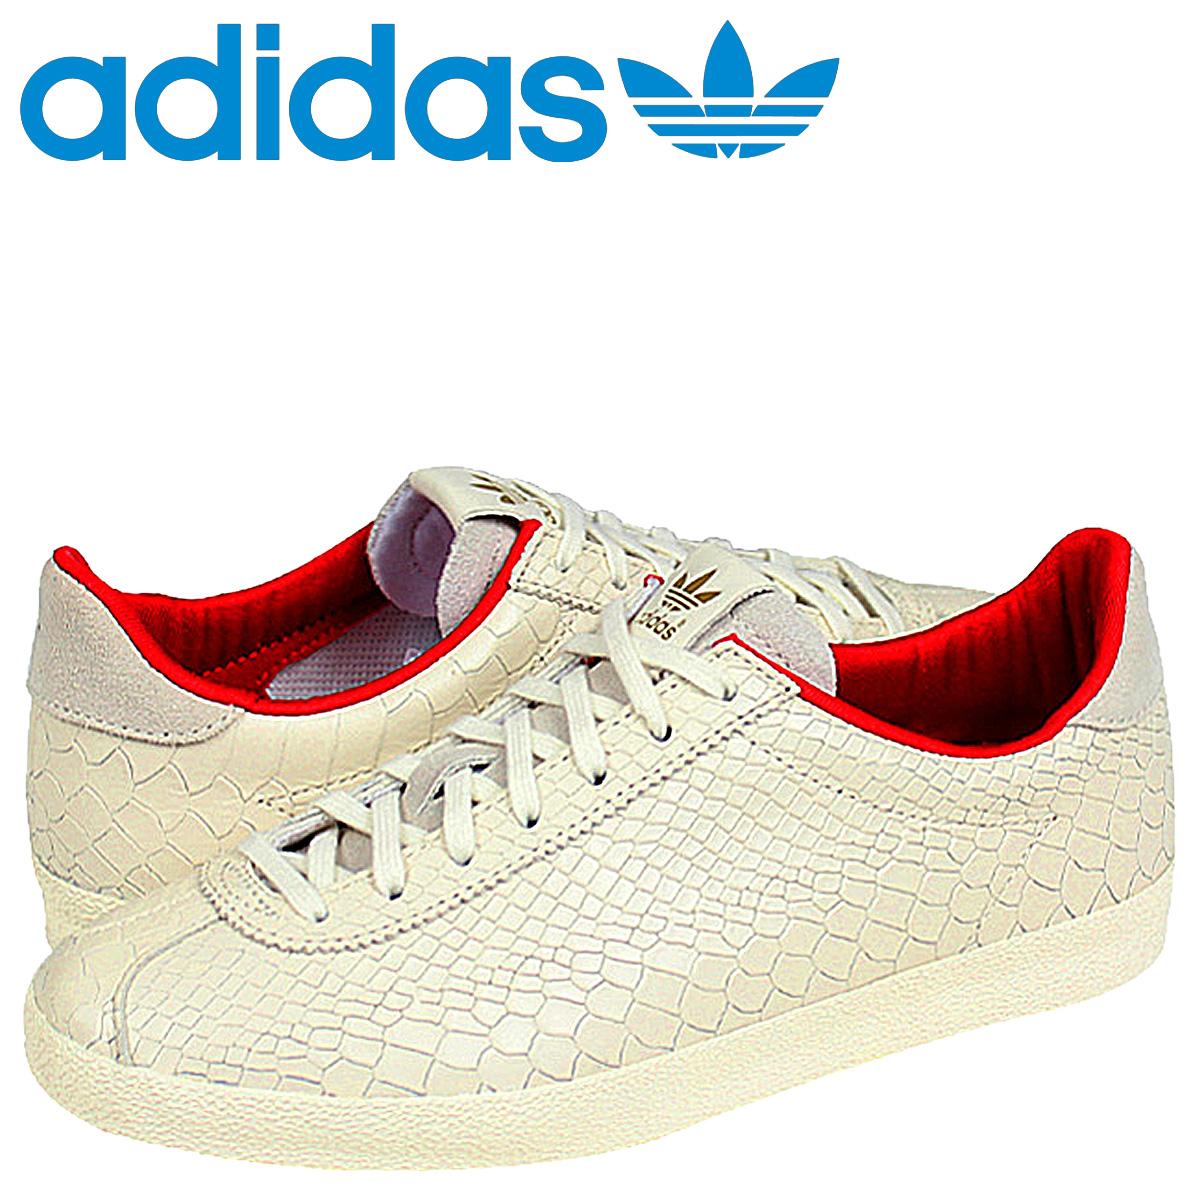 reputable site 6e869 d682c adidas originals   ☆ GAZELLE OG DRAGON W ☆